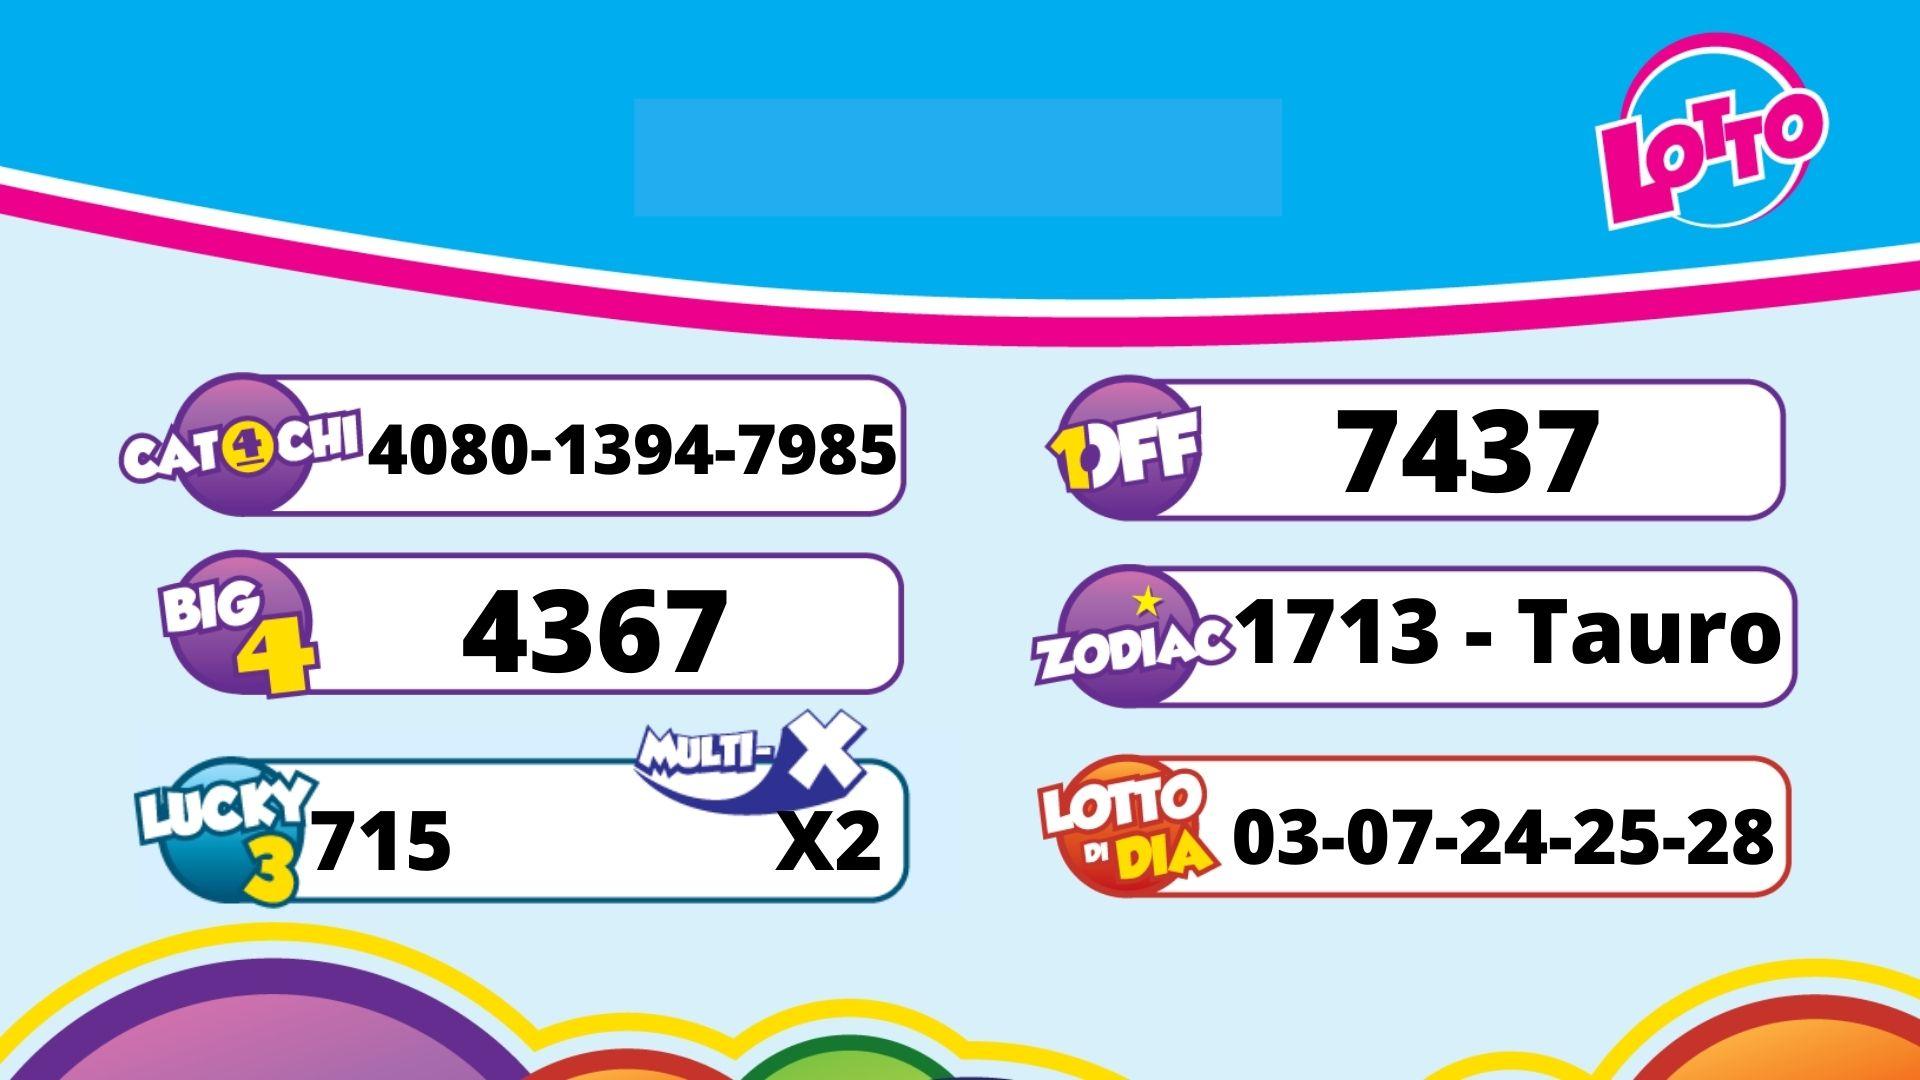 Resultado Lotto pa 3 di mei